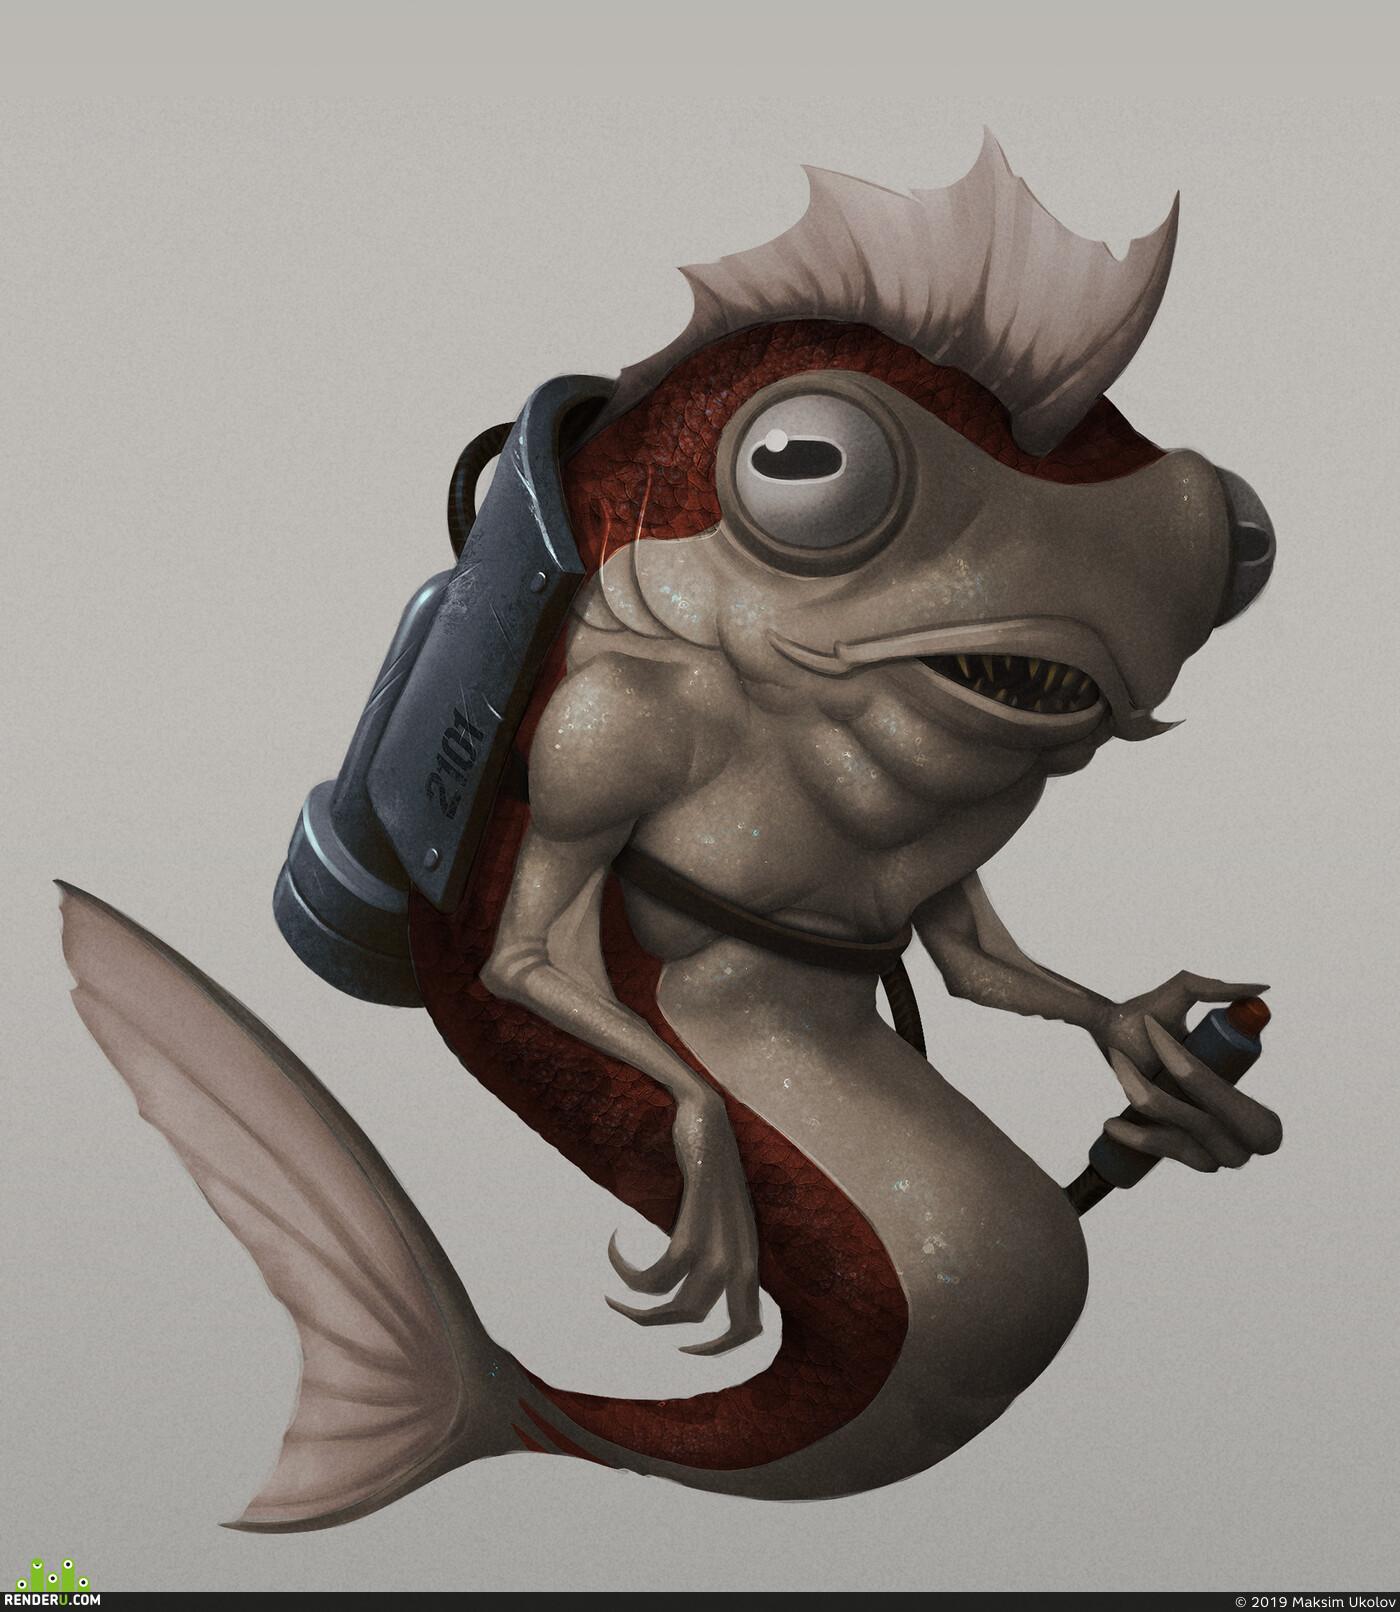 fish, Photoshop, Adobe Photoshop